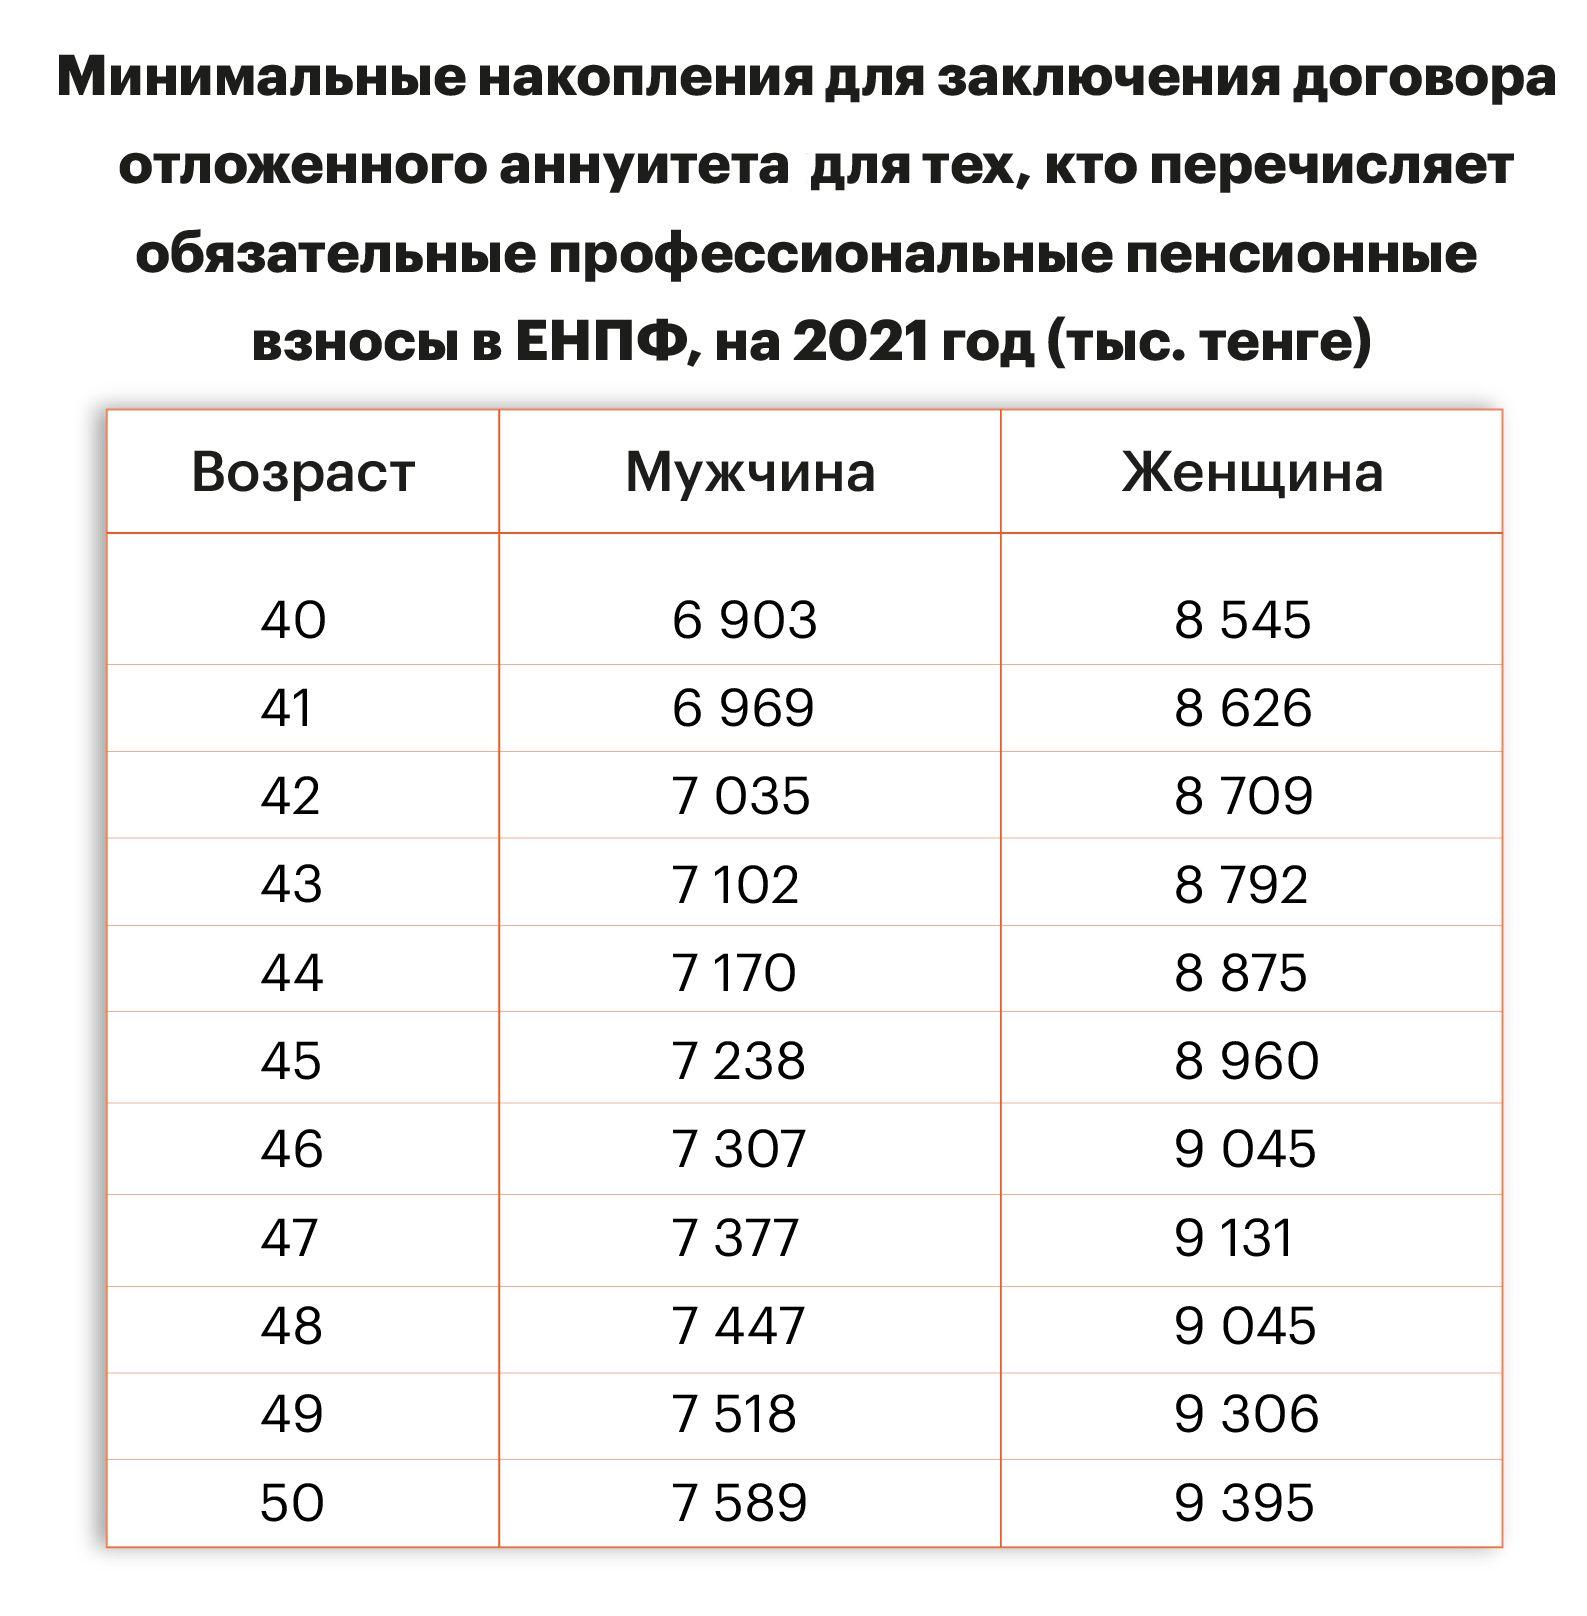 Как раньше срока снять пенсионные накопления?  582636 - Kapital.kz